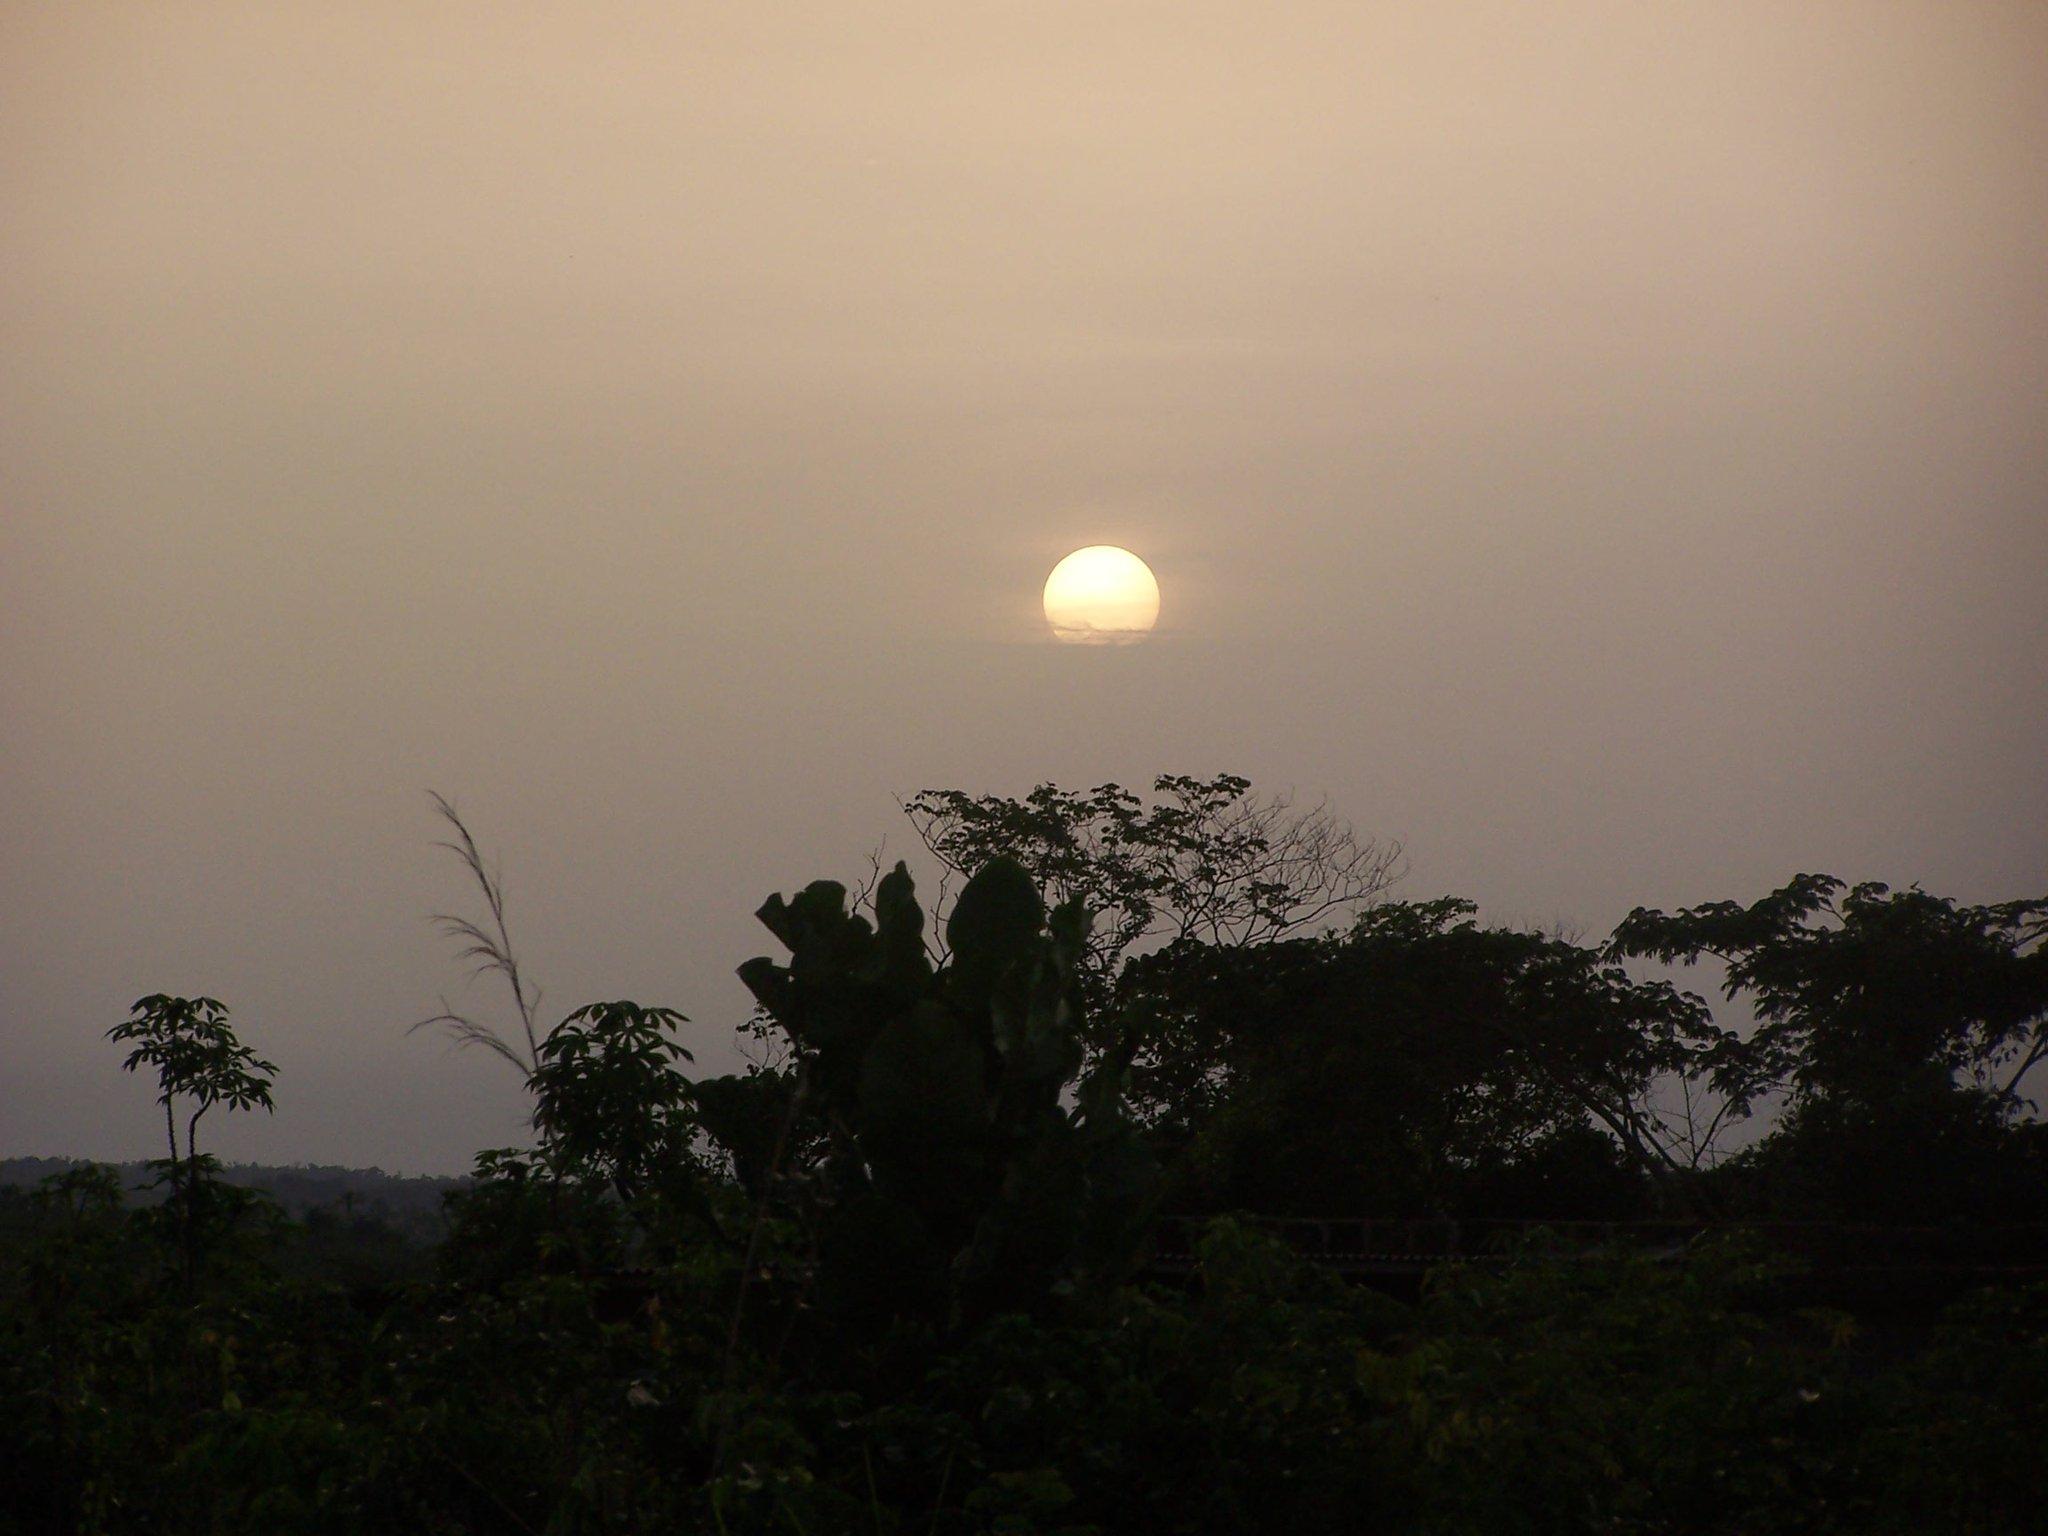 Odo-Naforija in Epe Lagos